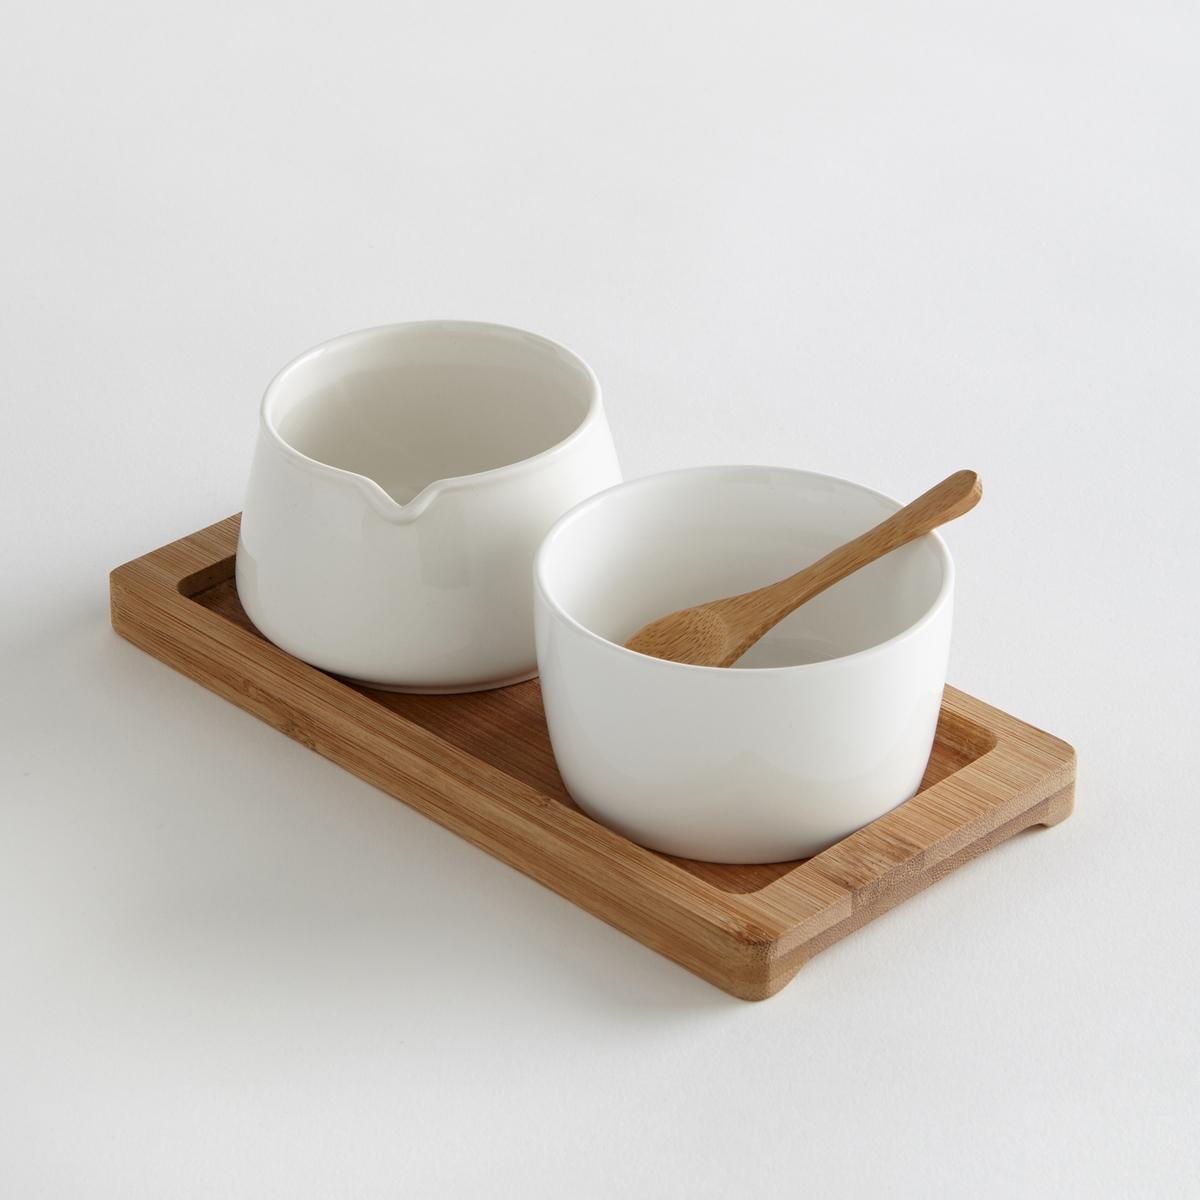 Молочник и сахарница из керамикиХарактеристики молочника и сахарницы:- Молочник и сахарница из керамики- Поднос и половник из бамбука- Размеры: Д 20,5 x Ш 10,5 см - Высота: 6,5 см - Молочник и сахарница, подходят для мытья в посудомоечной машине- Мытье подноса из бамбука в посудомоечной машине запрещено.<br><br>Цвет: белый<br>Размер: единый размер